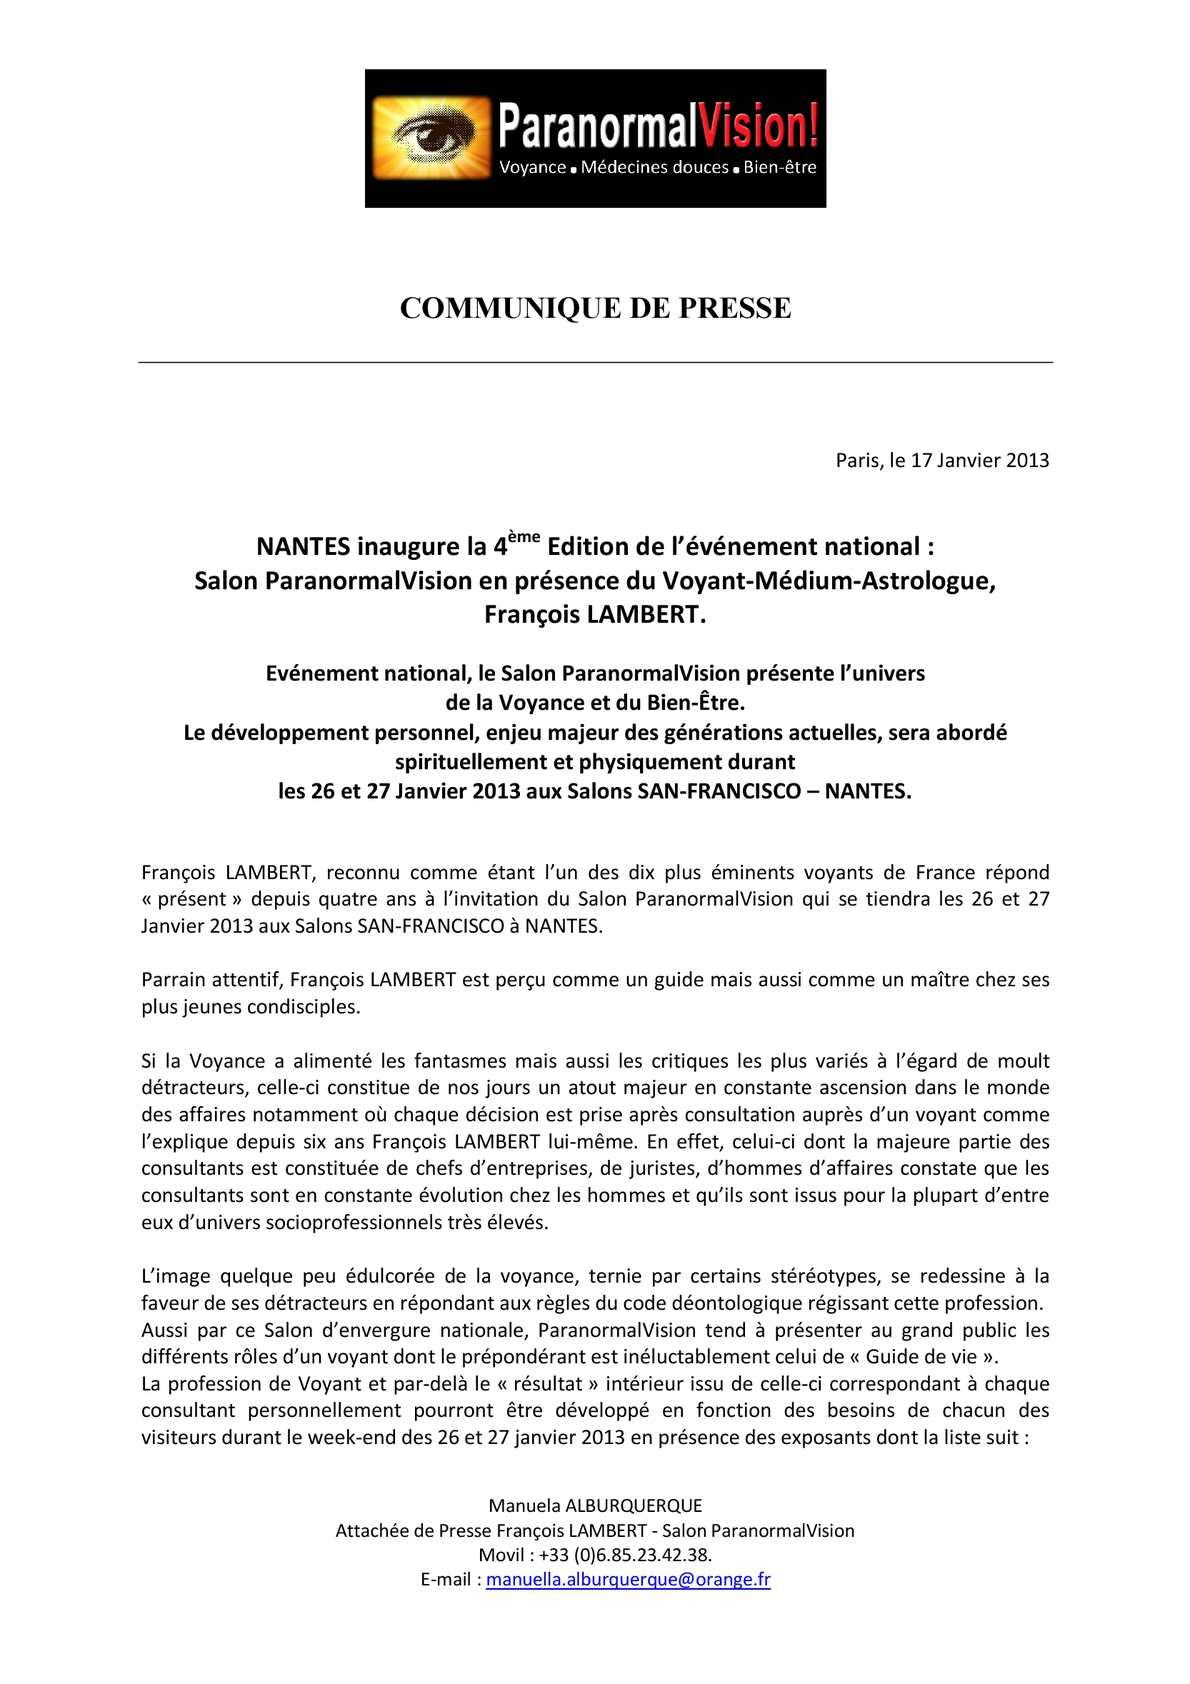 Calameo Paranormalvision Nantes 2013 Communique De Presse